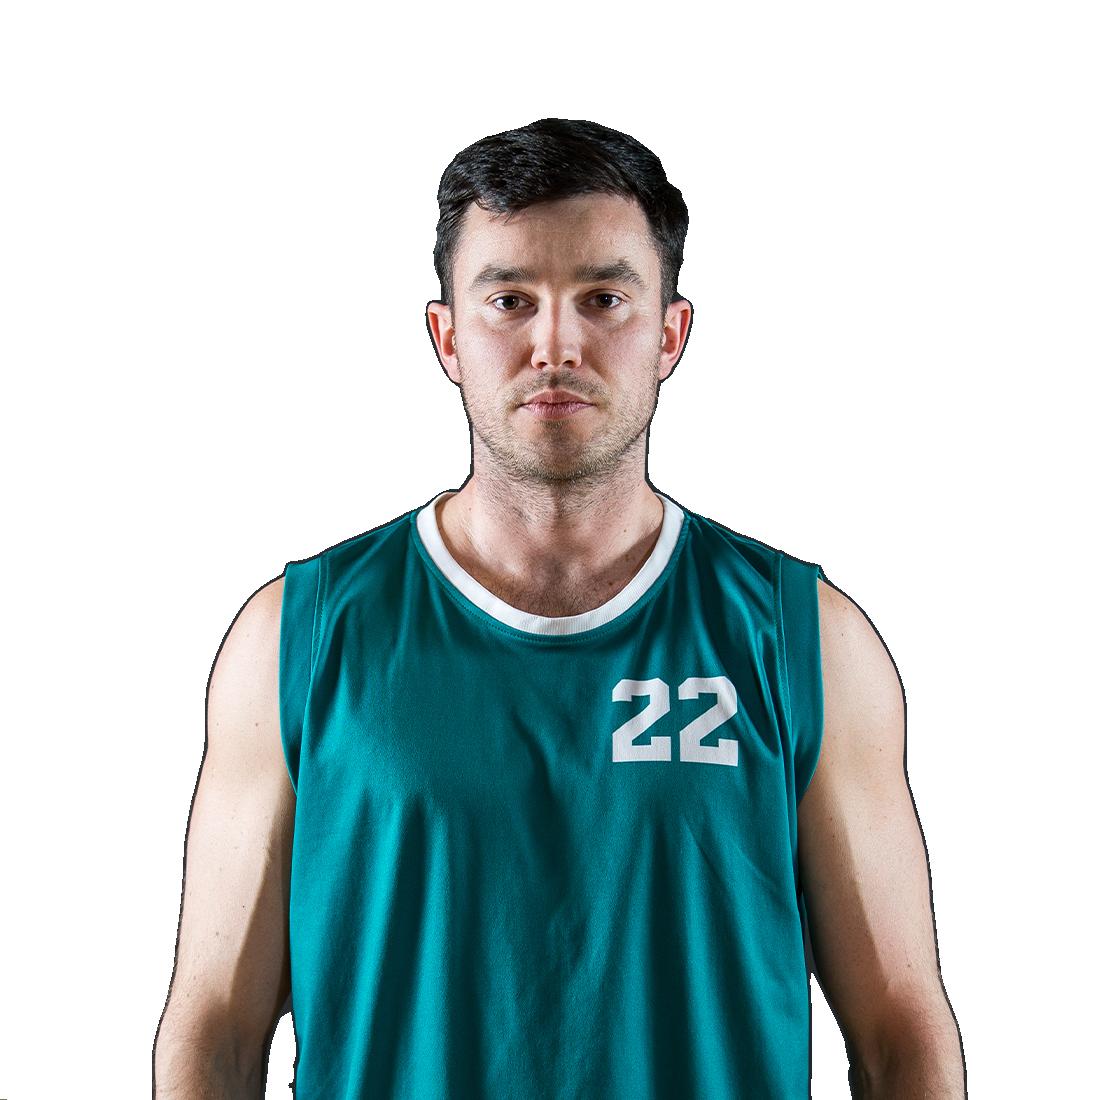 Szymon Halewski